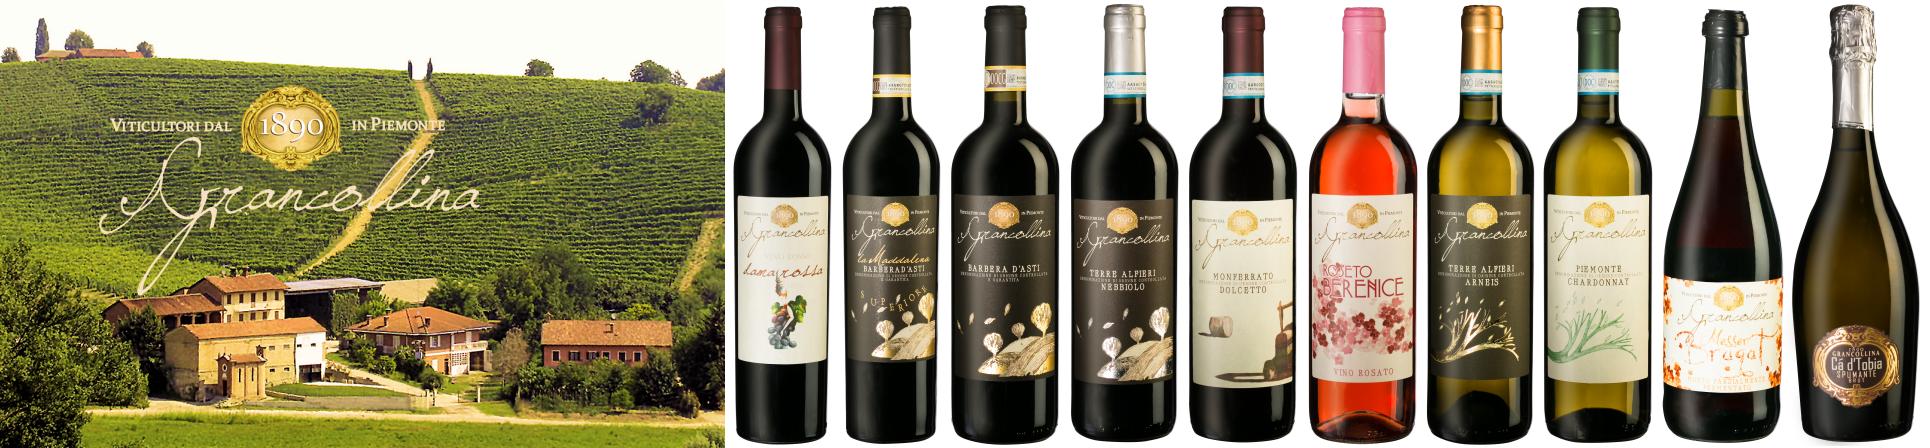 B2B GUSTOX - il Marketplace all'ingrosso delle eccellenze agroalimentari italiane - Vini Piemonte - Cantina GranCollina